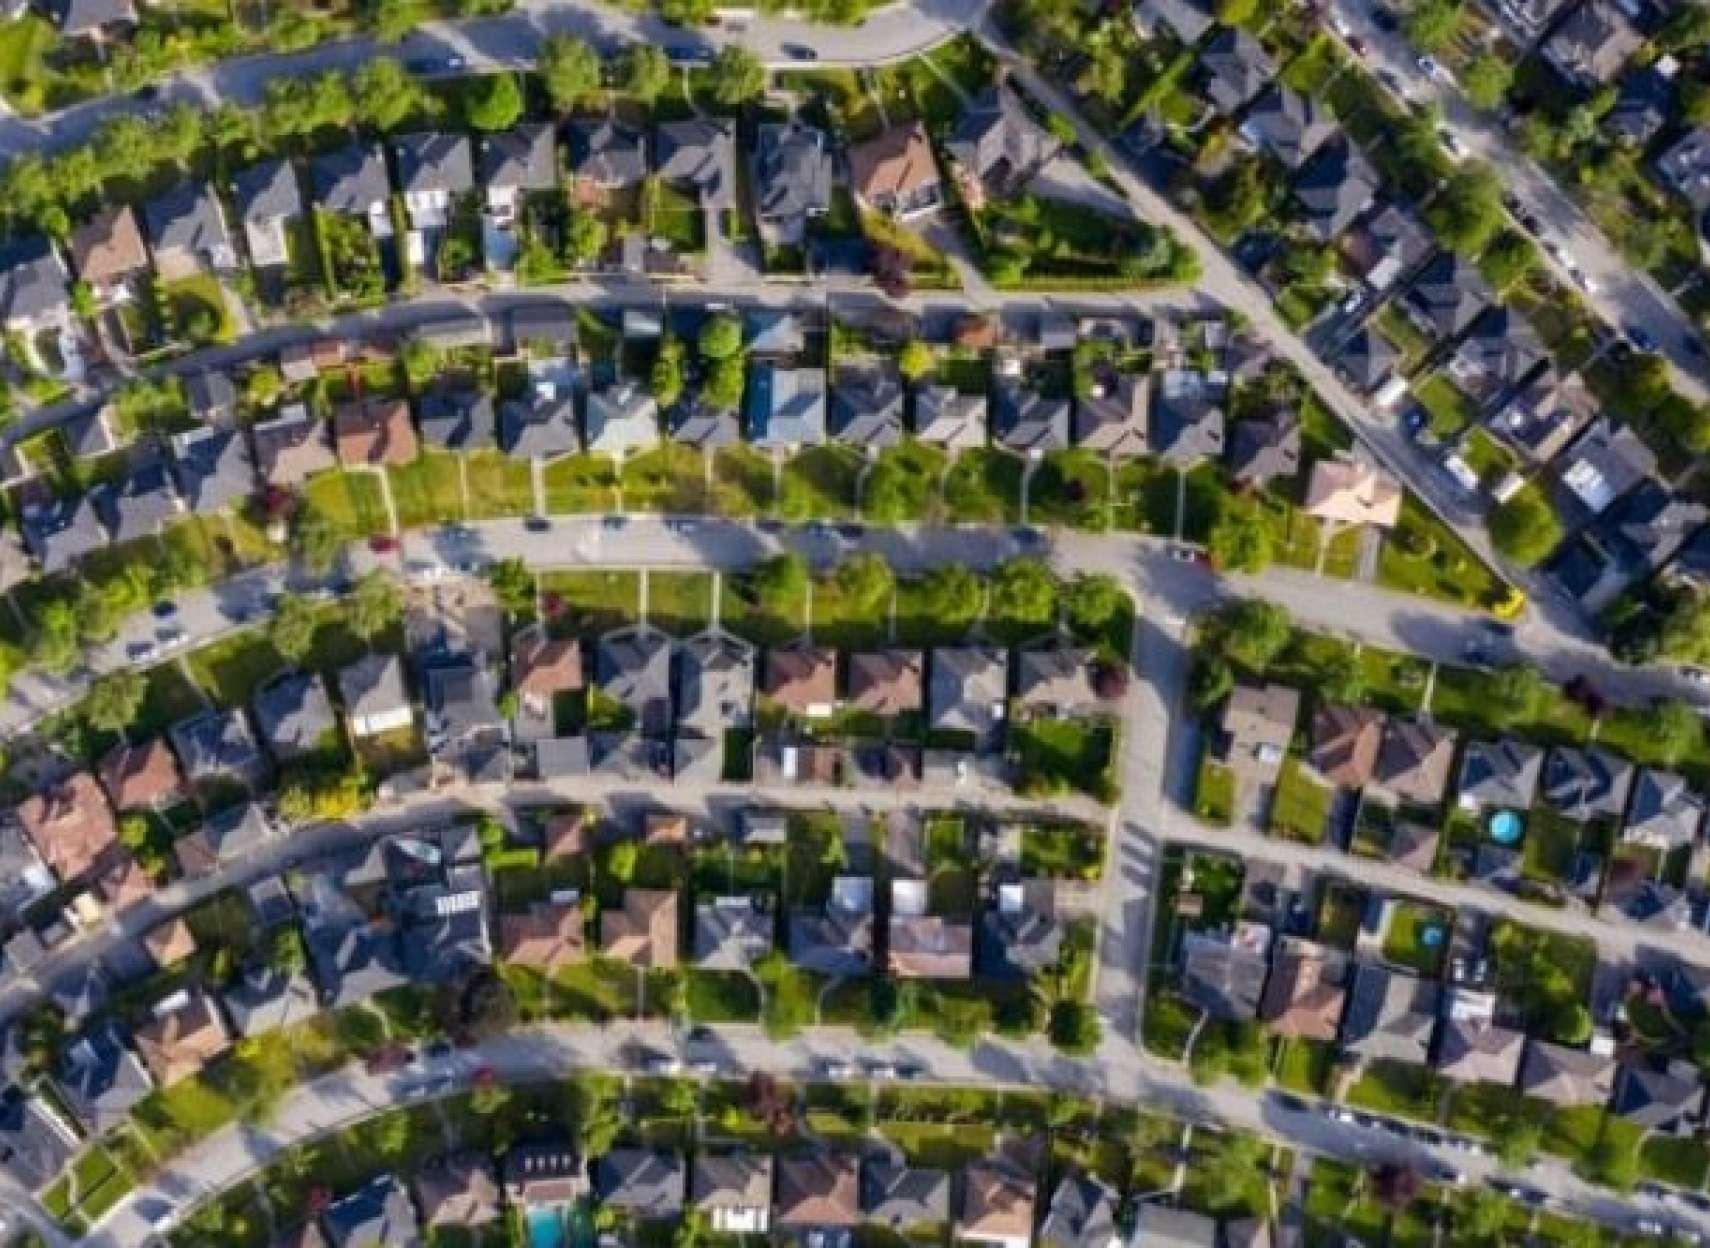 رکوردهای-بازار-فروش-مسکن-در-کانادا-شکسته-شد-چرا-بازار-مسکن-داغ-شده-و-آیا-این-روند-تداوم-دارد